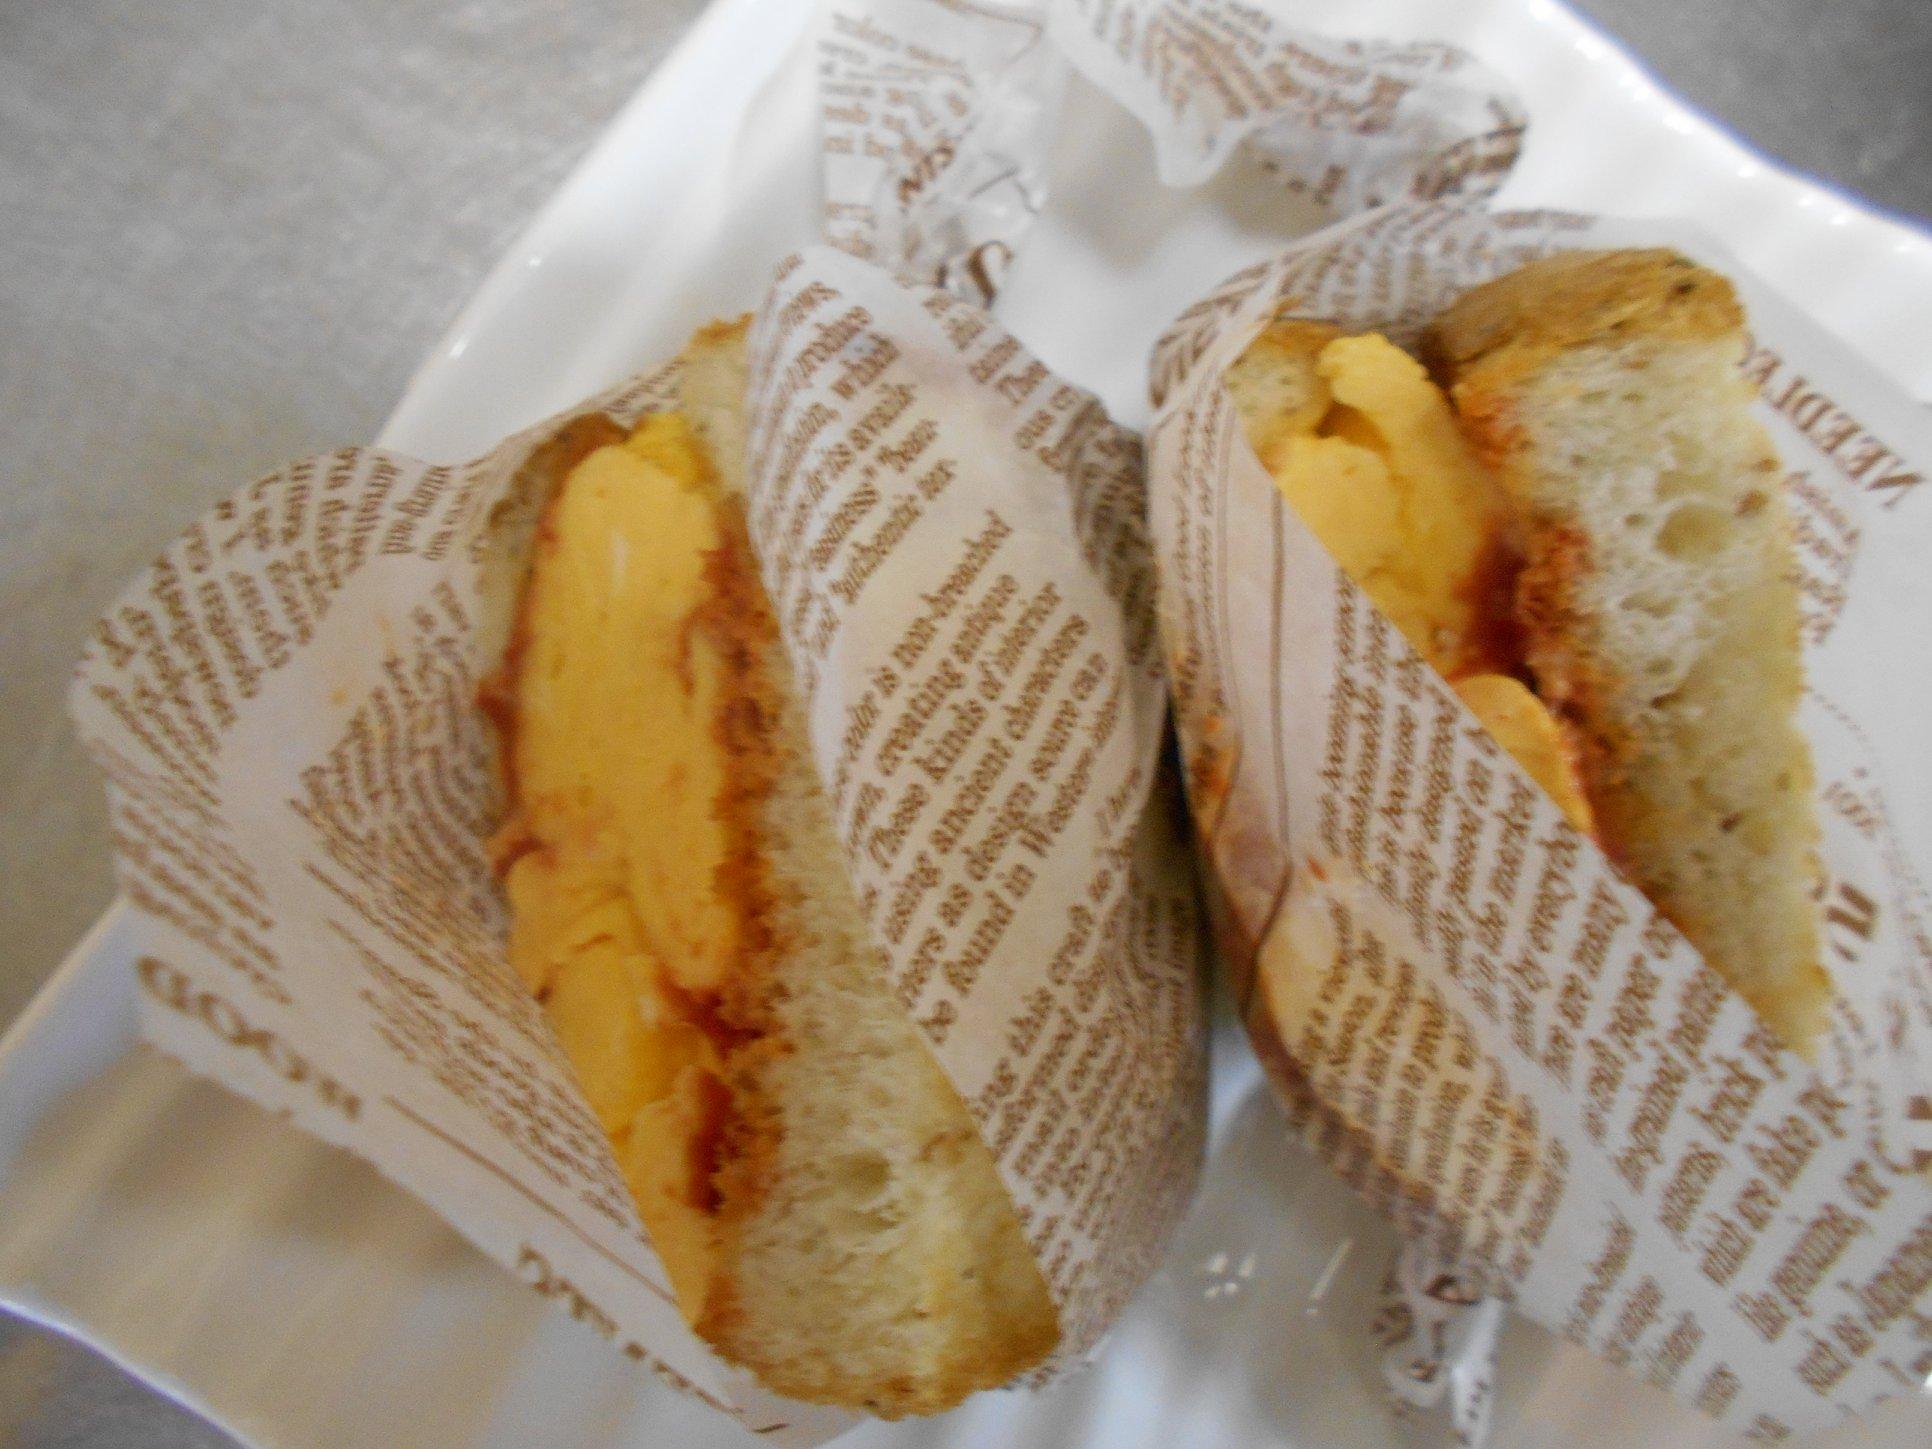 ライ麦パンに厚切り卵焼きを挟んで4切りにしています。